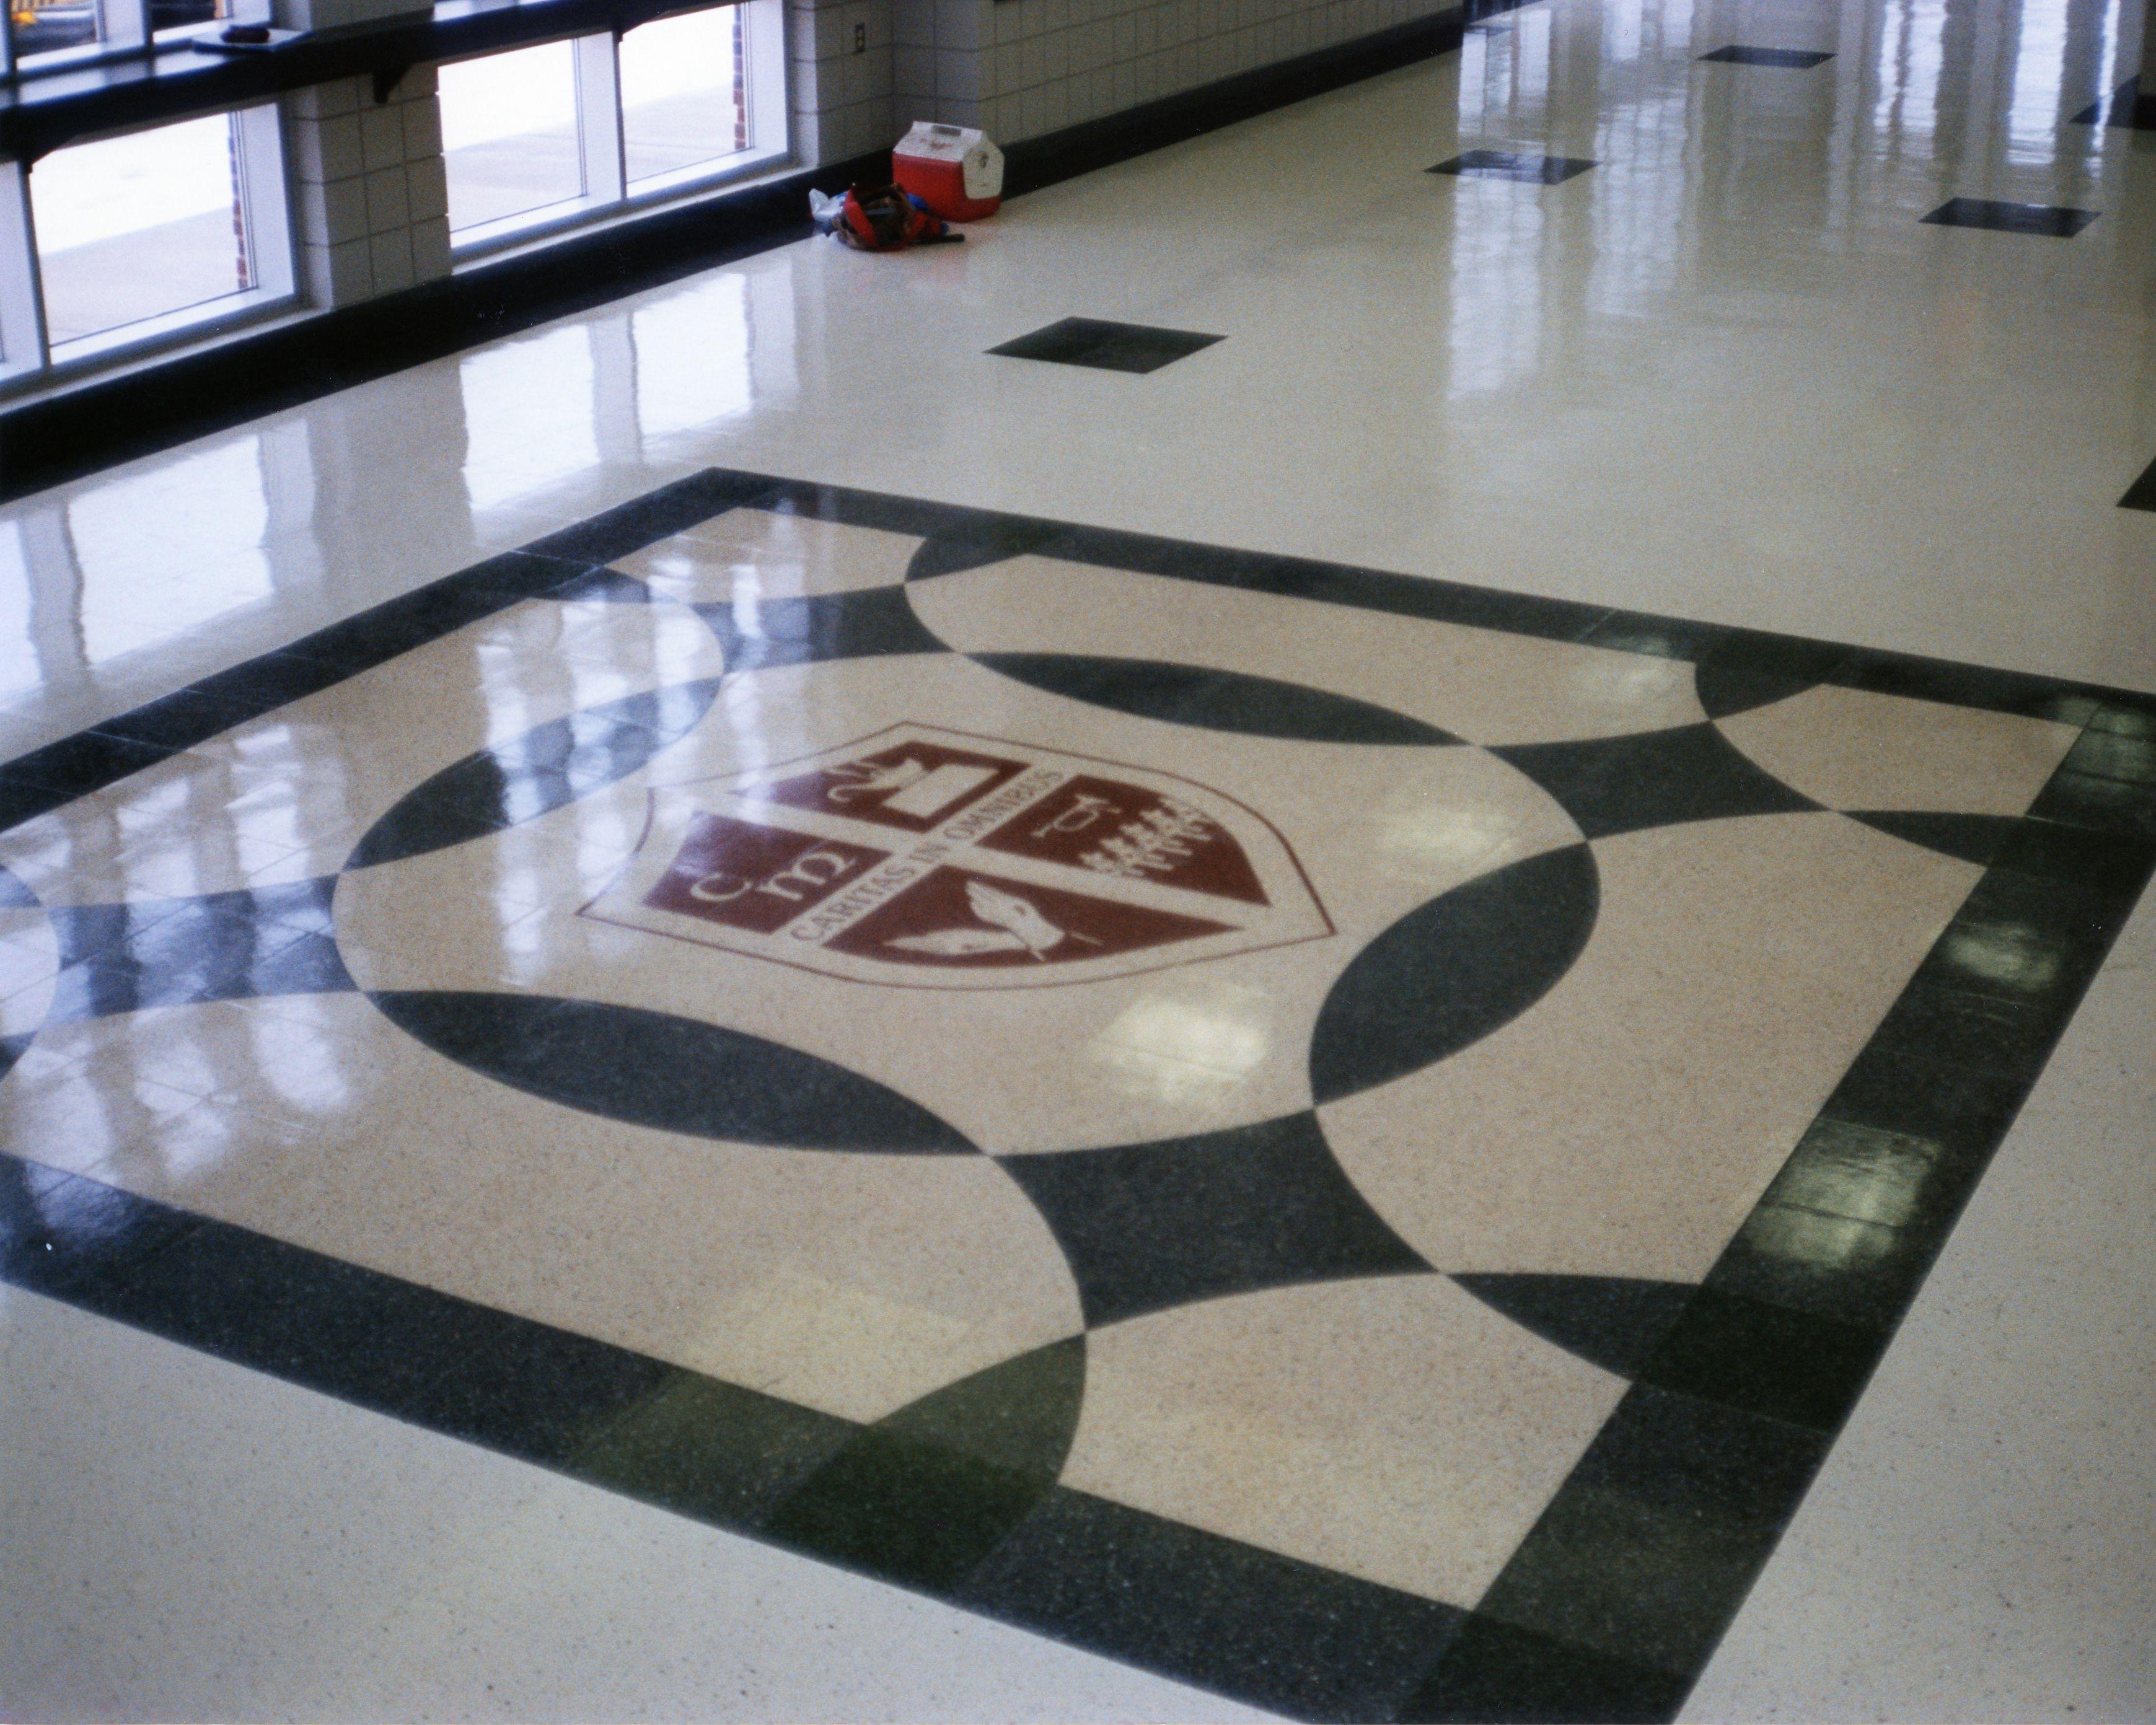 High school foyer floor fritztile terrazzo tile floor fritztile high school foyer floor fritztile terrazzo tile floor dailygadgetfo Images